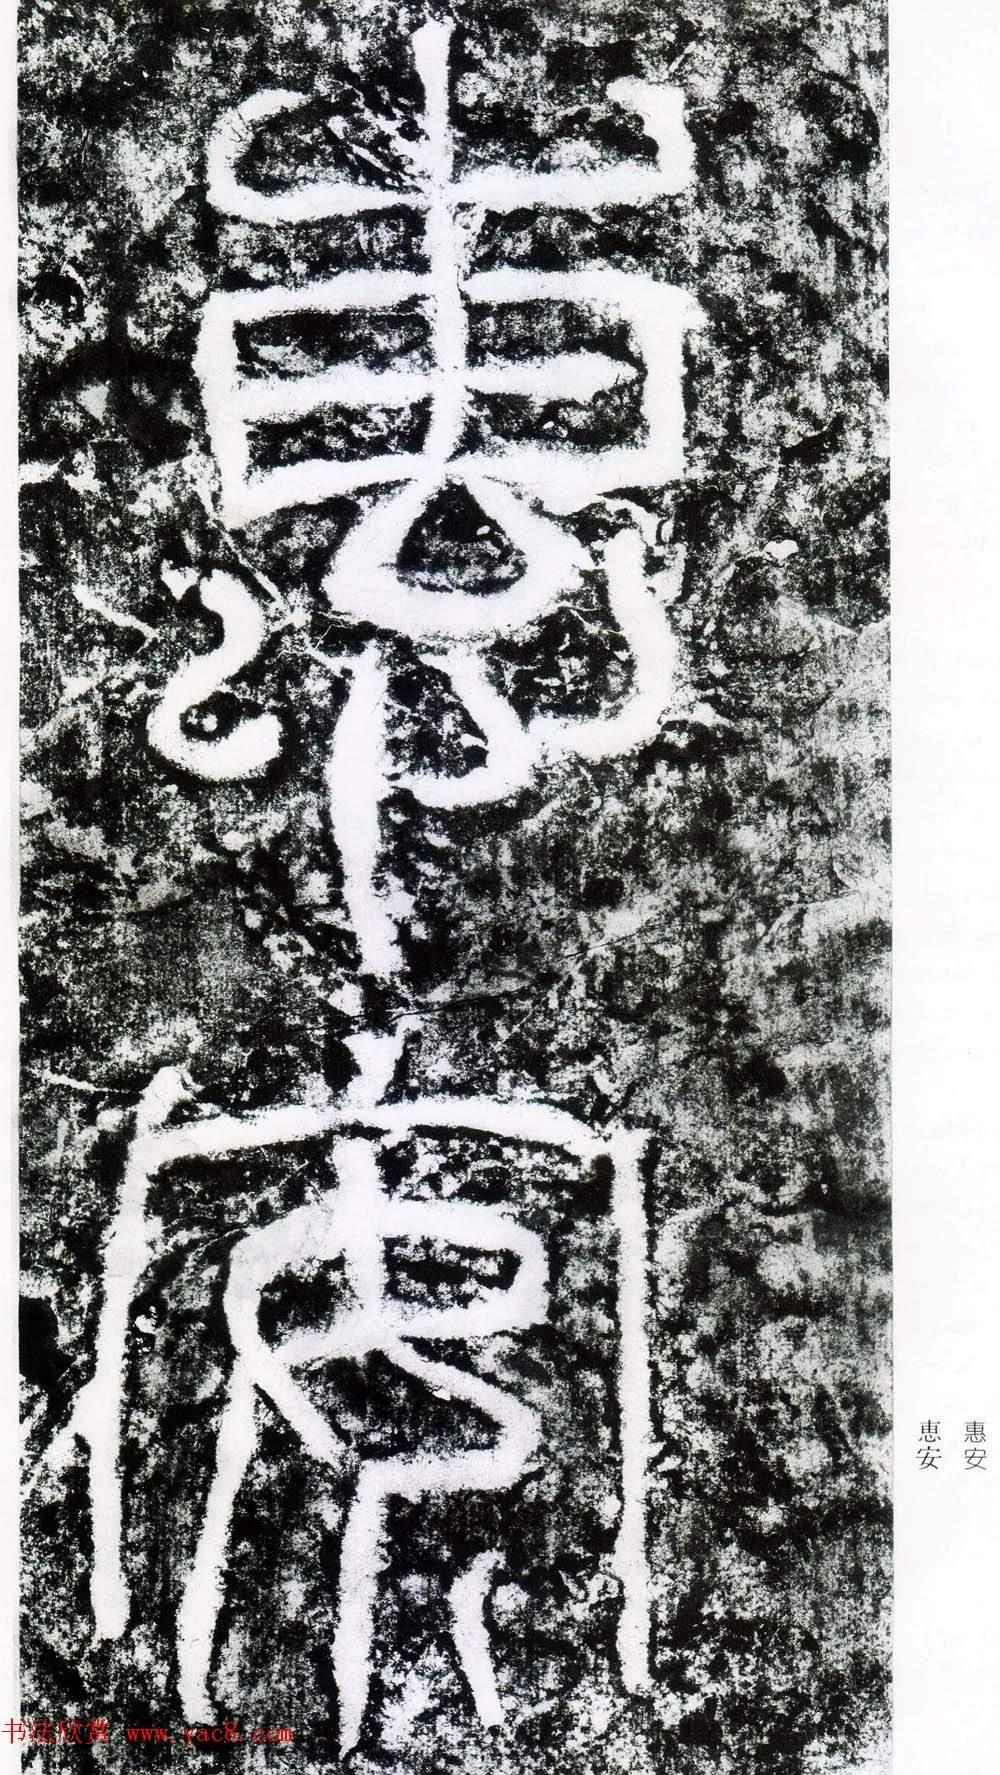 東漢隸書摩崖碑刻真跡欣賞《西狹頌》(共78張圖片)